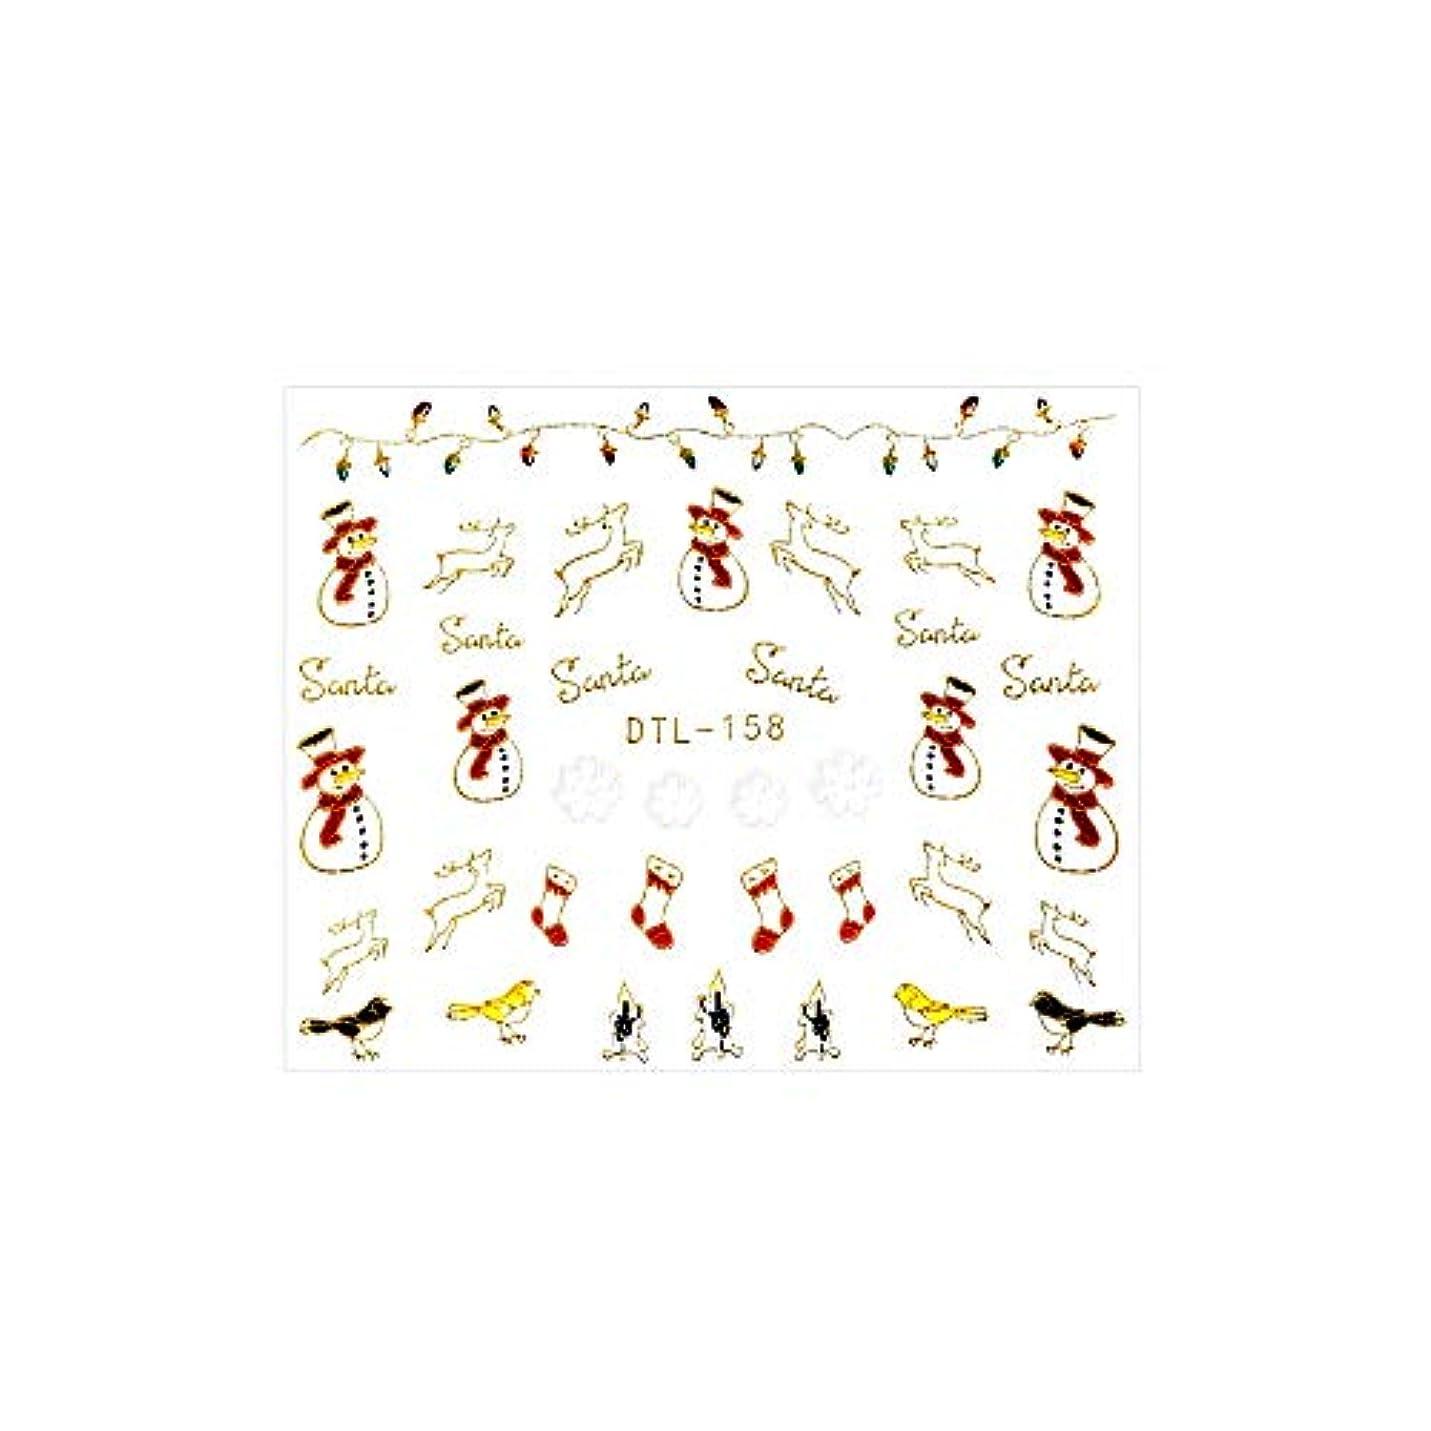 壊れた空港ツーリストirogel イロジェル ネイルシールネイルシール【貼るタイプ】ホワイトクリスマスシール【タイプ2】